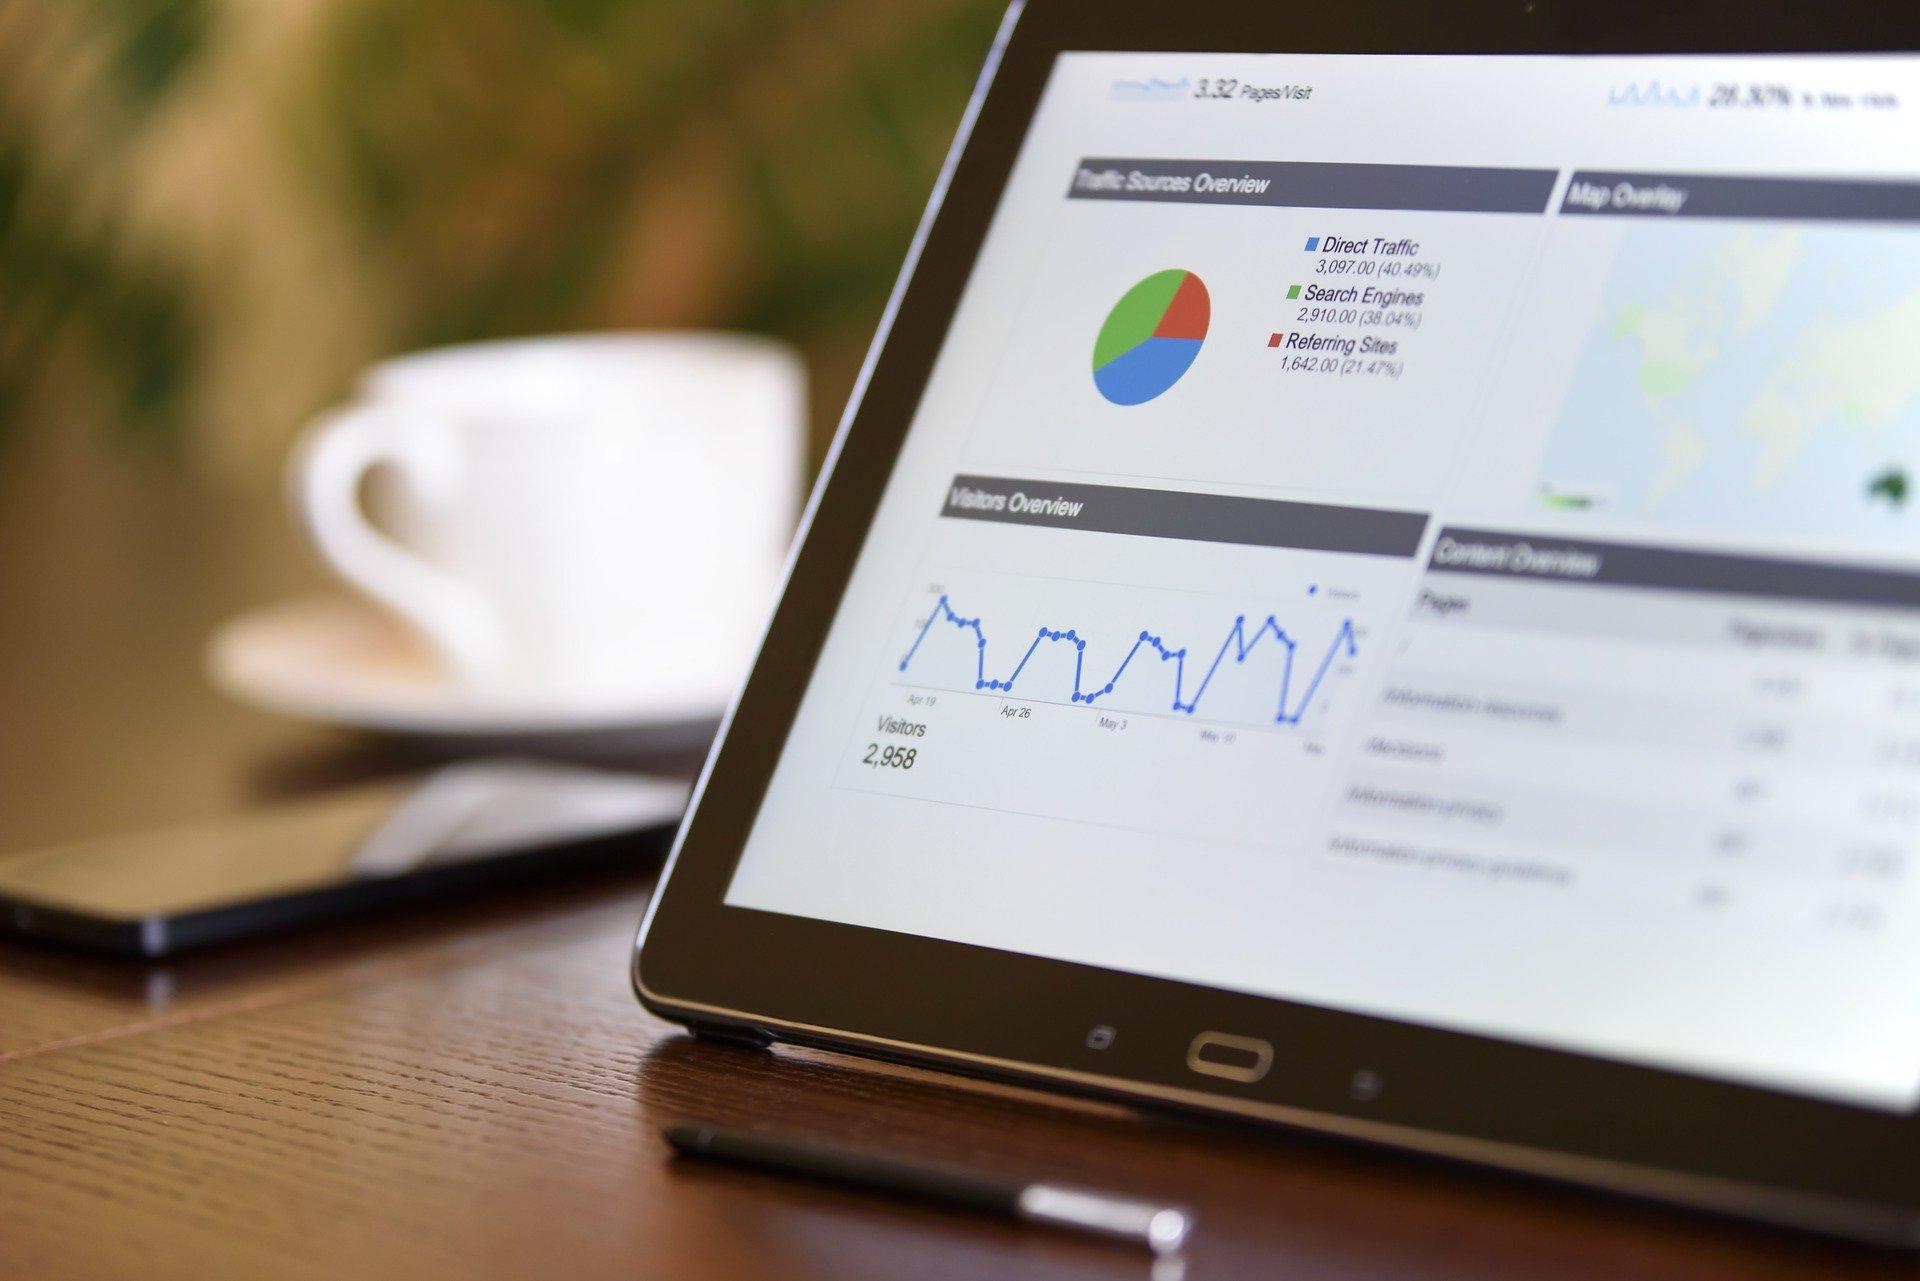 Scopri la migliore strategia di marketing digitale per la tua azienda